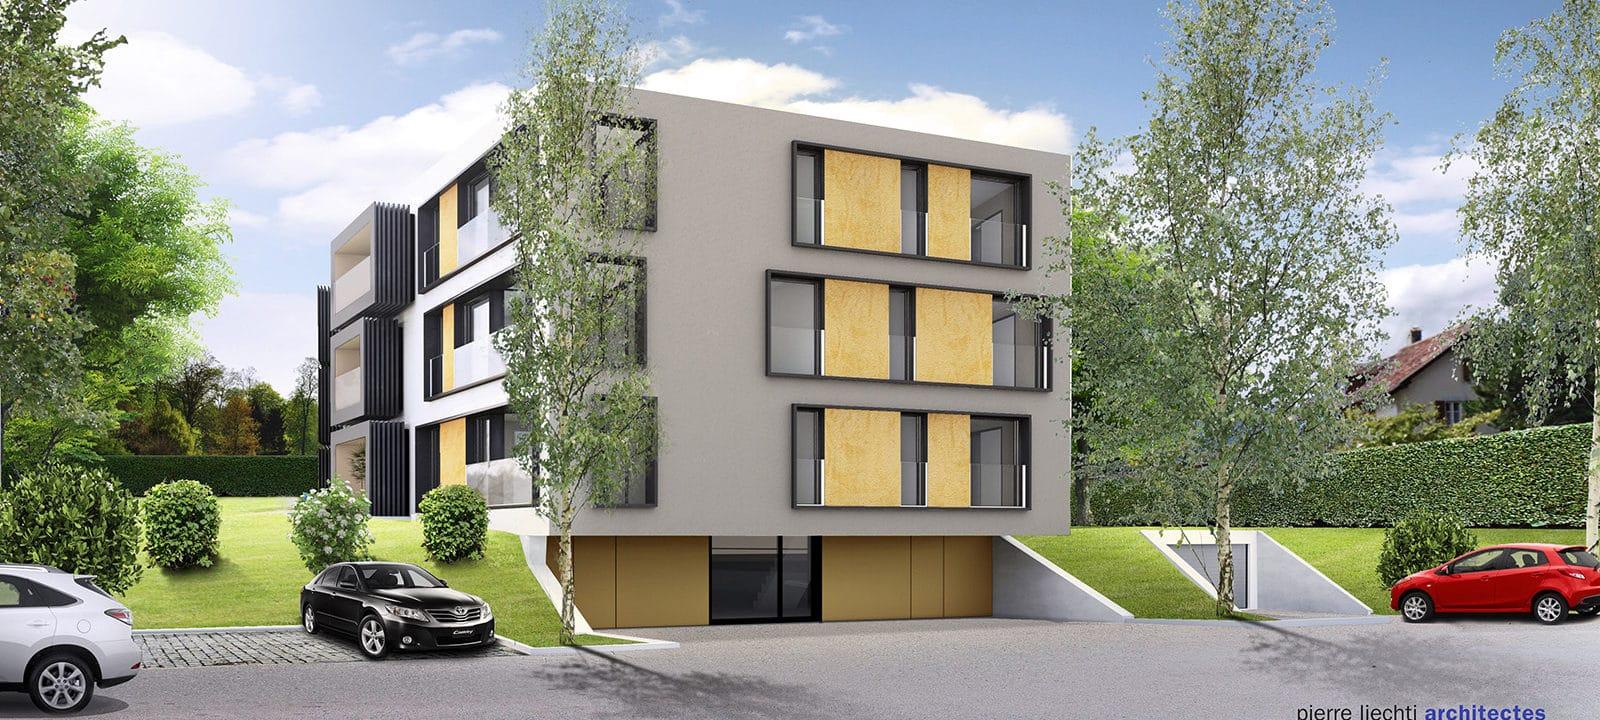 Cortaillod Rue des Vergers – Pierre Liechti & Associés